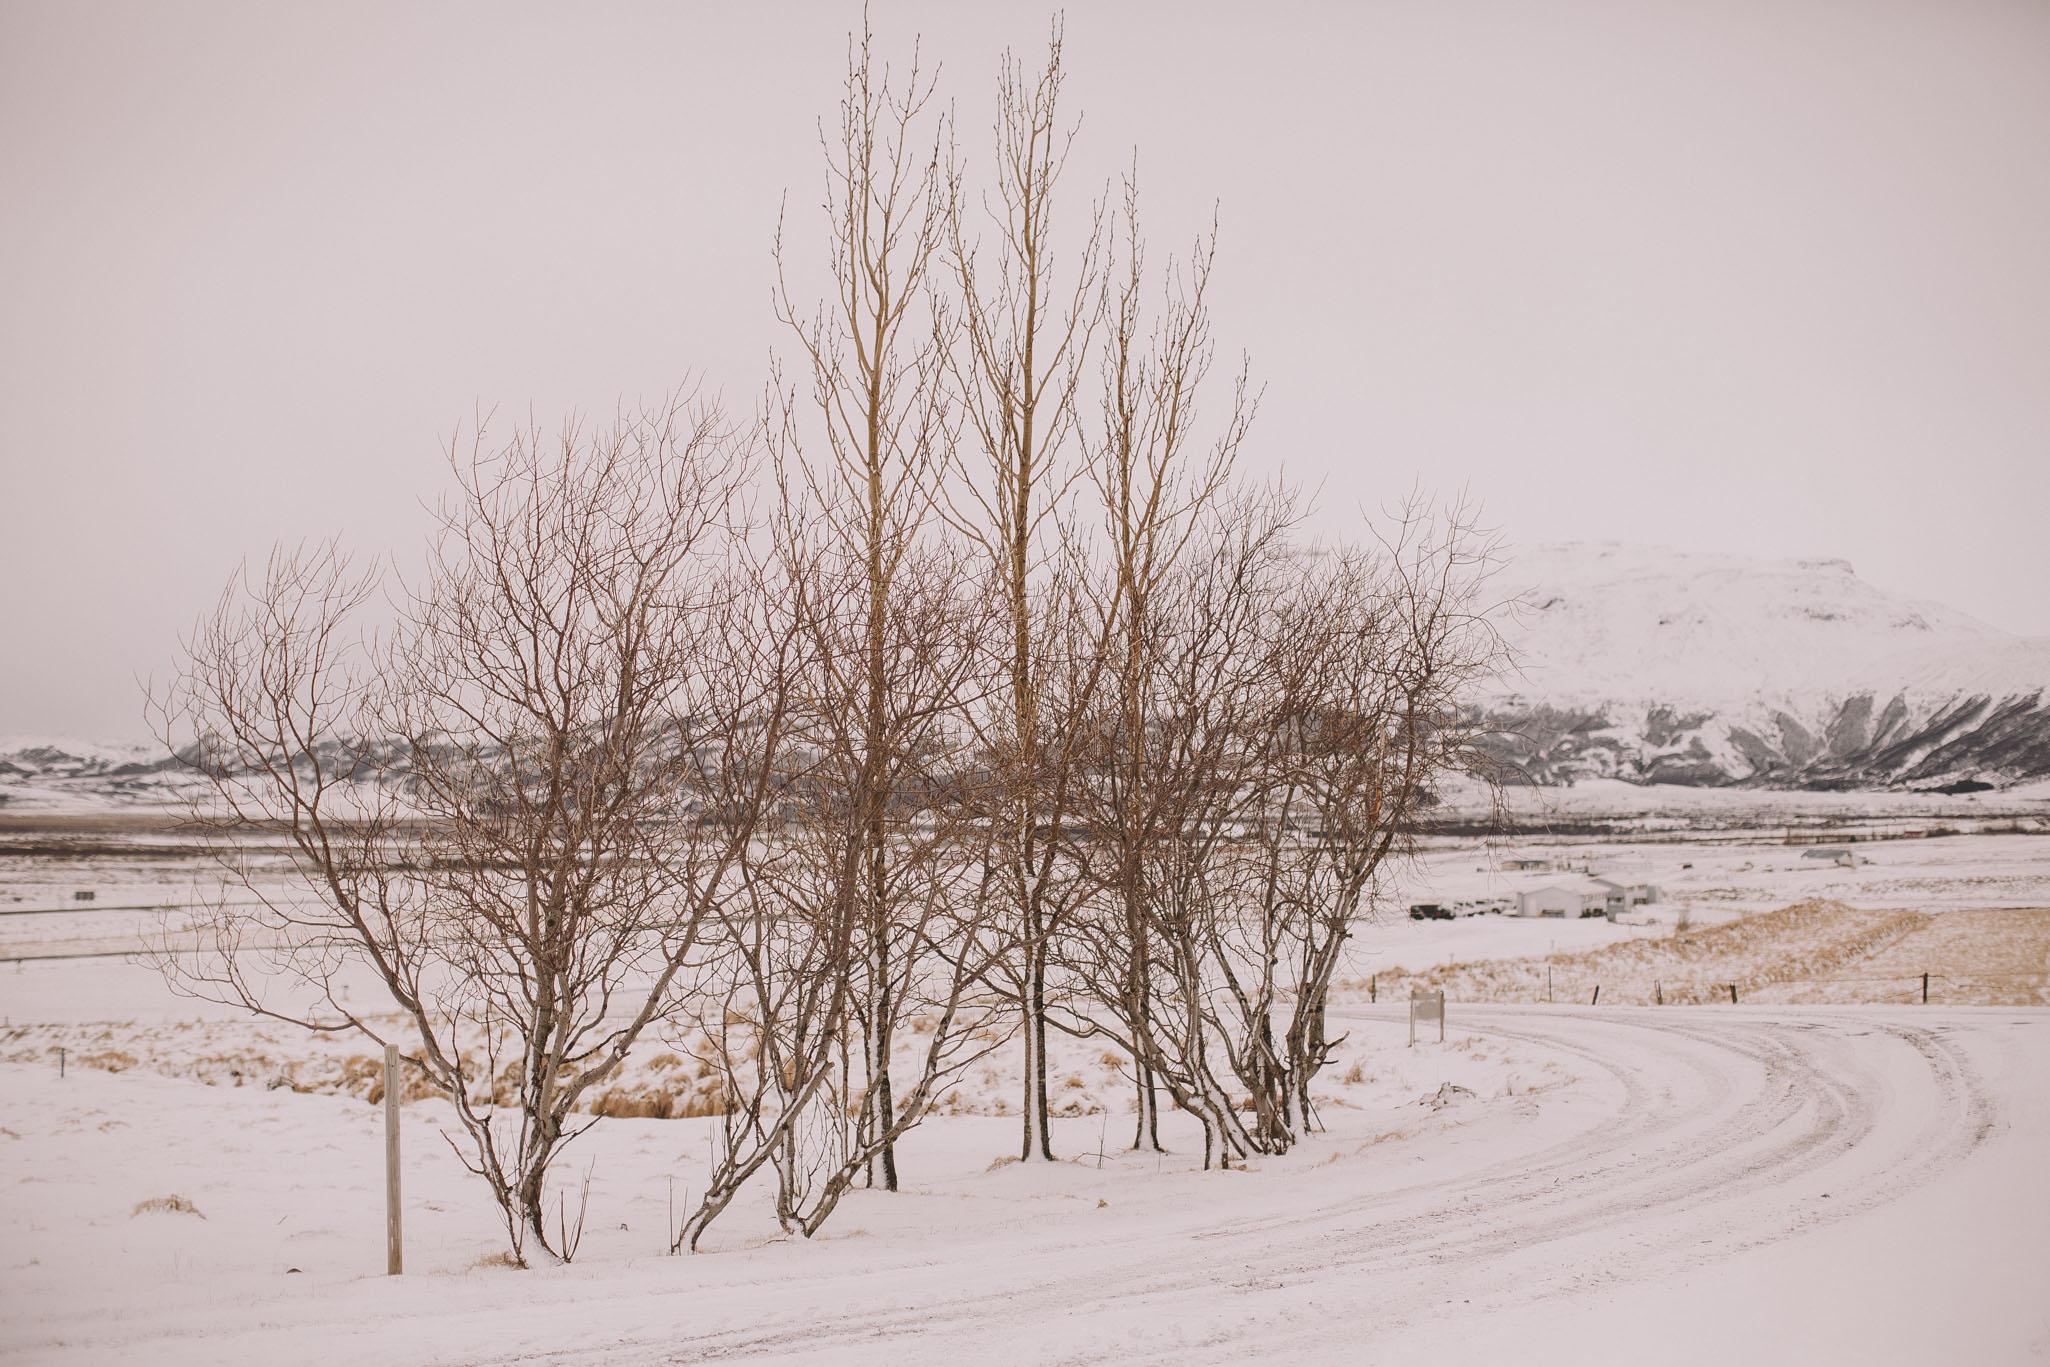 Road-trip-Islande-Iceland-Voyage-Travel-Portrait-Jérémy-Boyer-Geysir-3.jpg